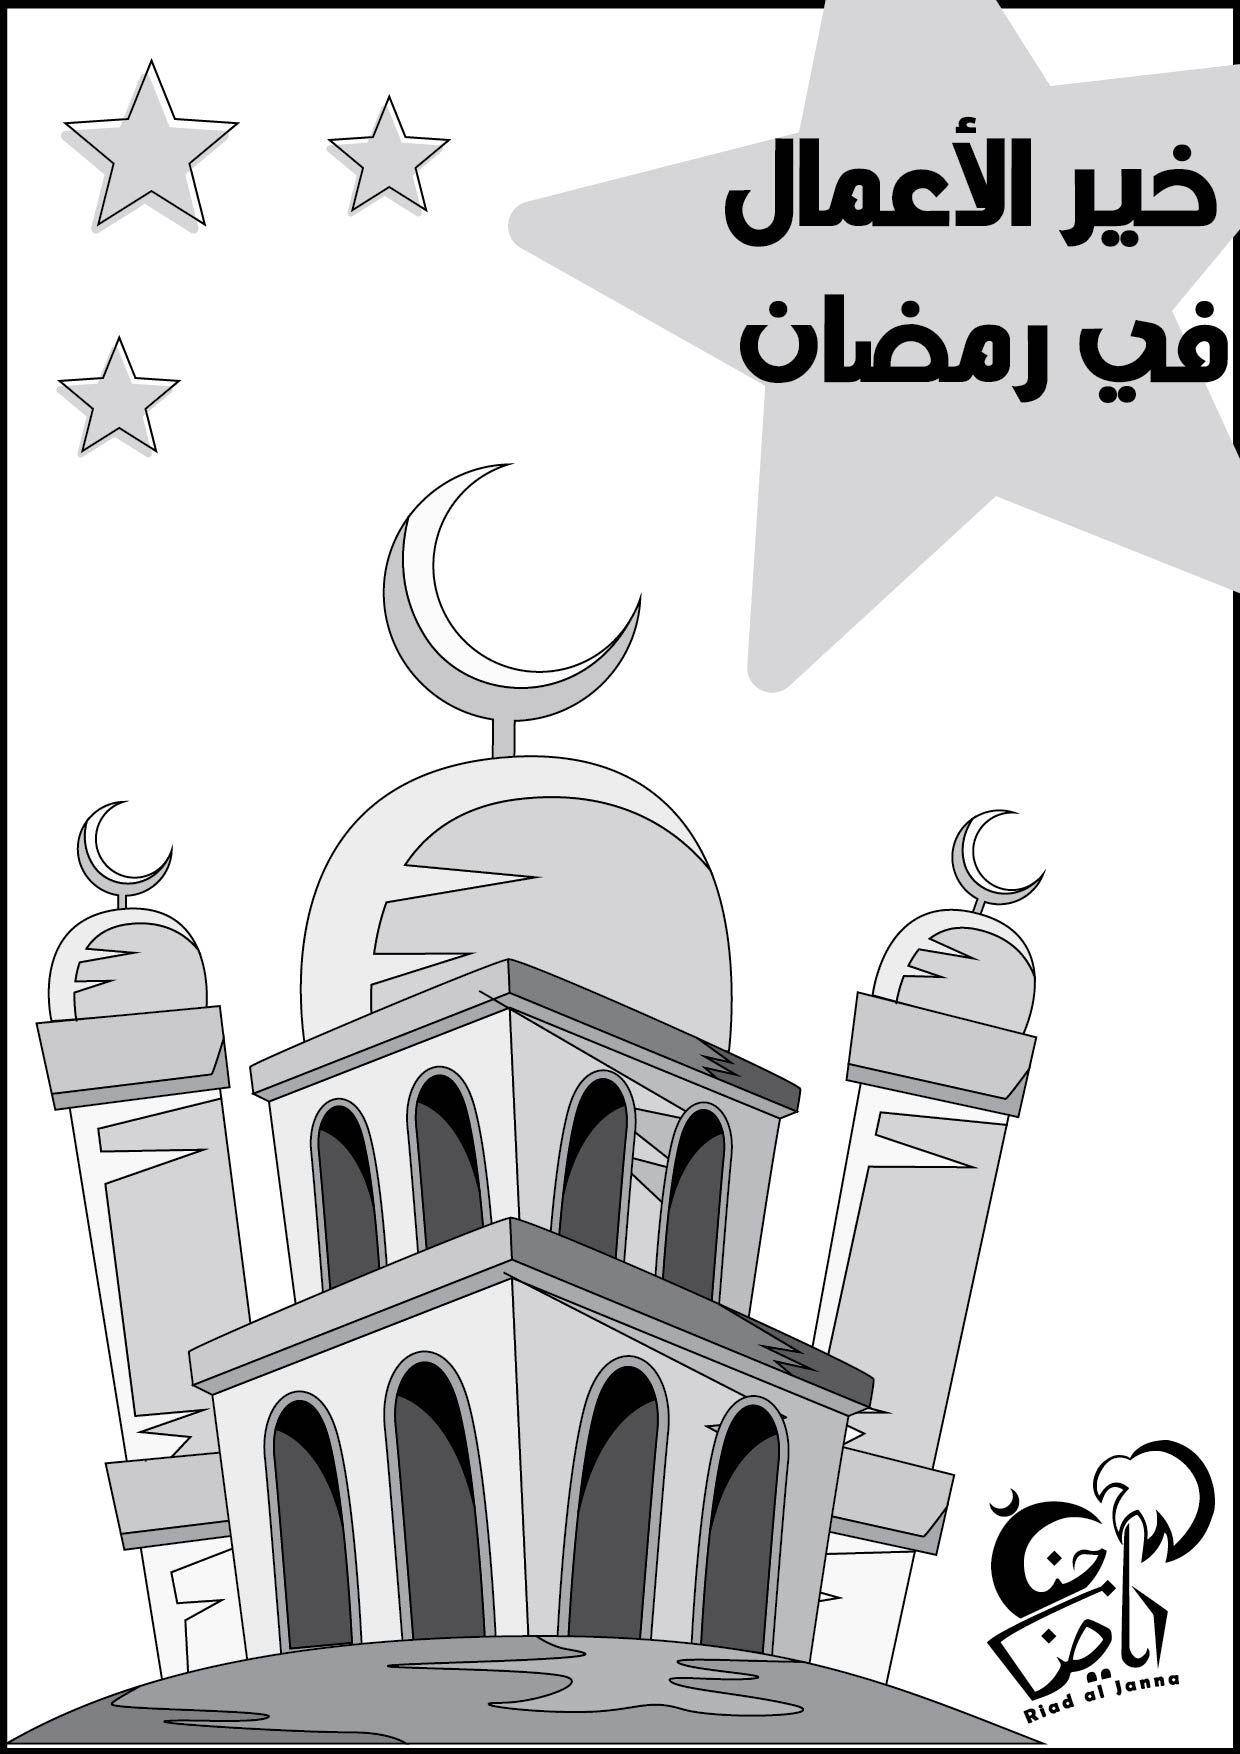 15 ورقة عمل ممتعة عن خير الأعمال في رمضان للأطفال حديث شريف مرفق بصور للتلوين و أسئلة للتفكير جاهزة للطبا Ramadan Kids Ramadan Crafts Ramadan Decorations